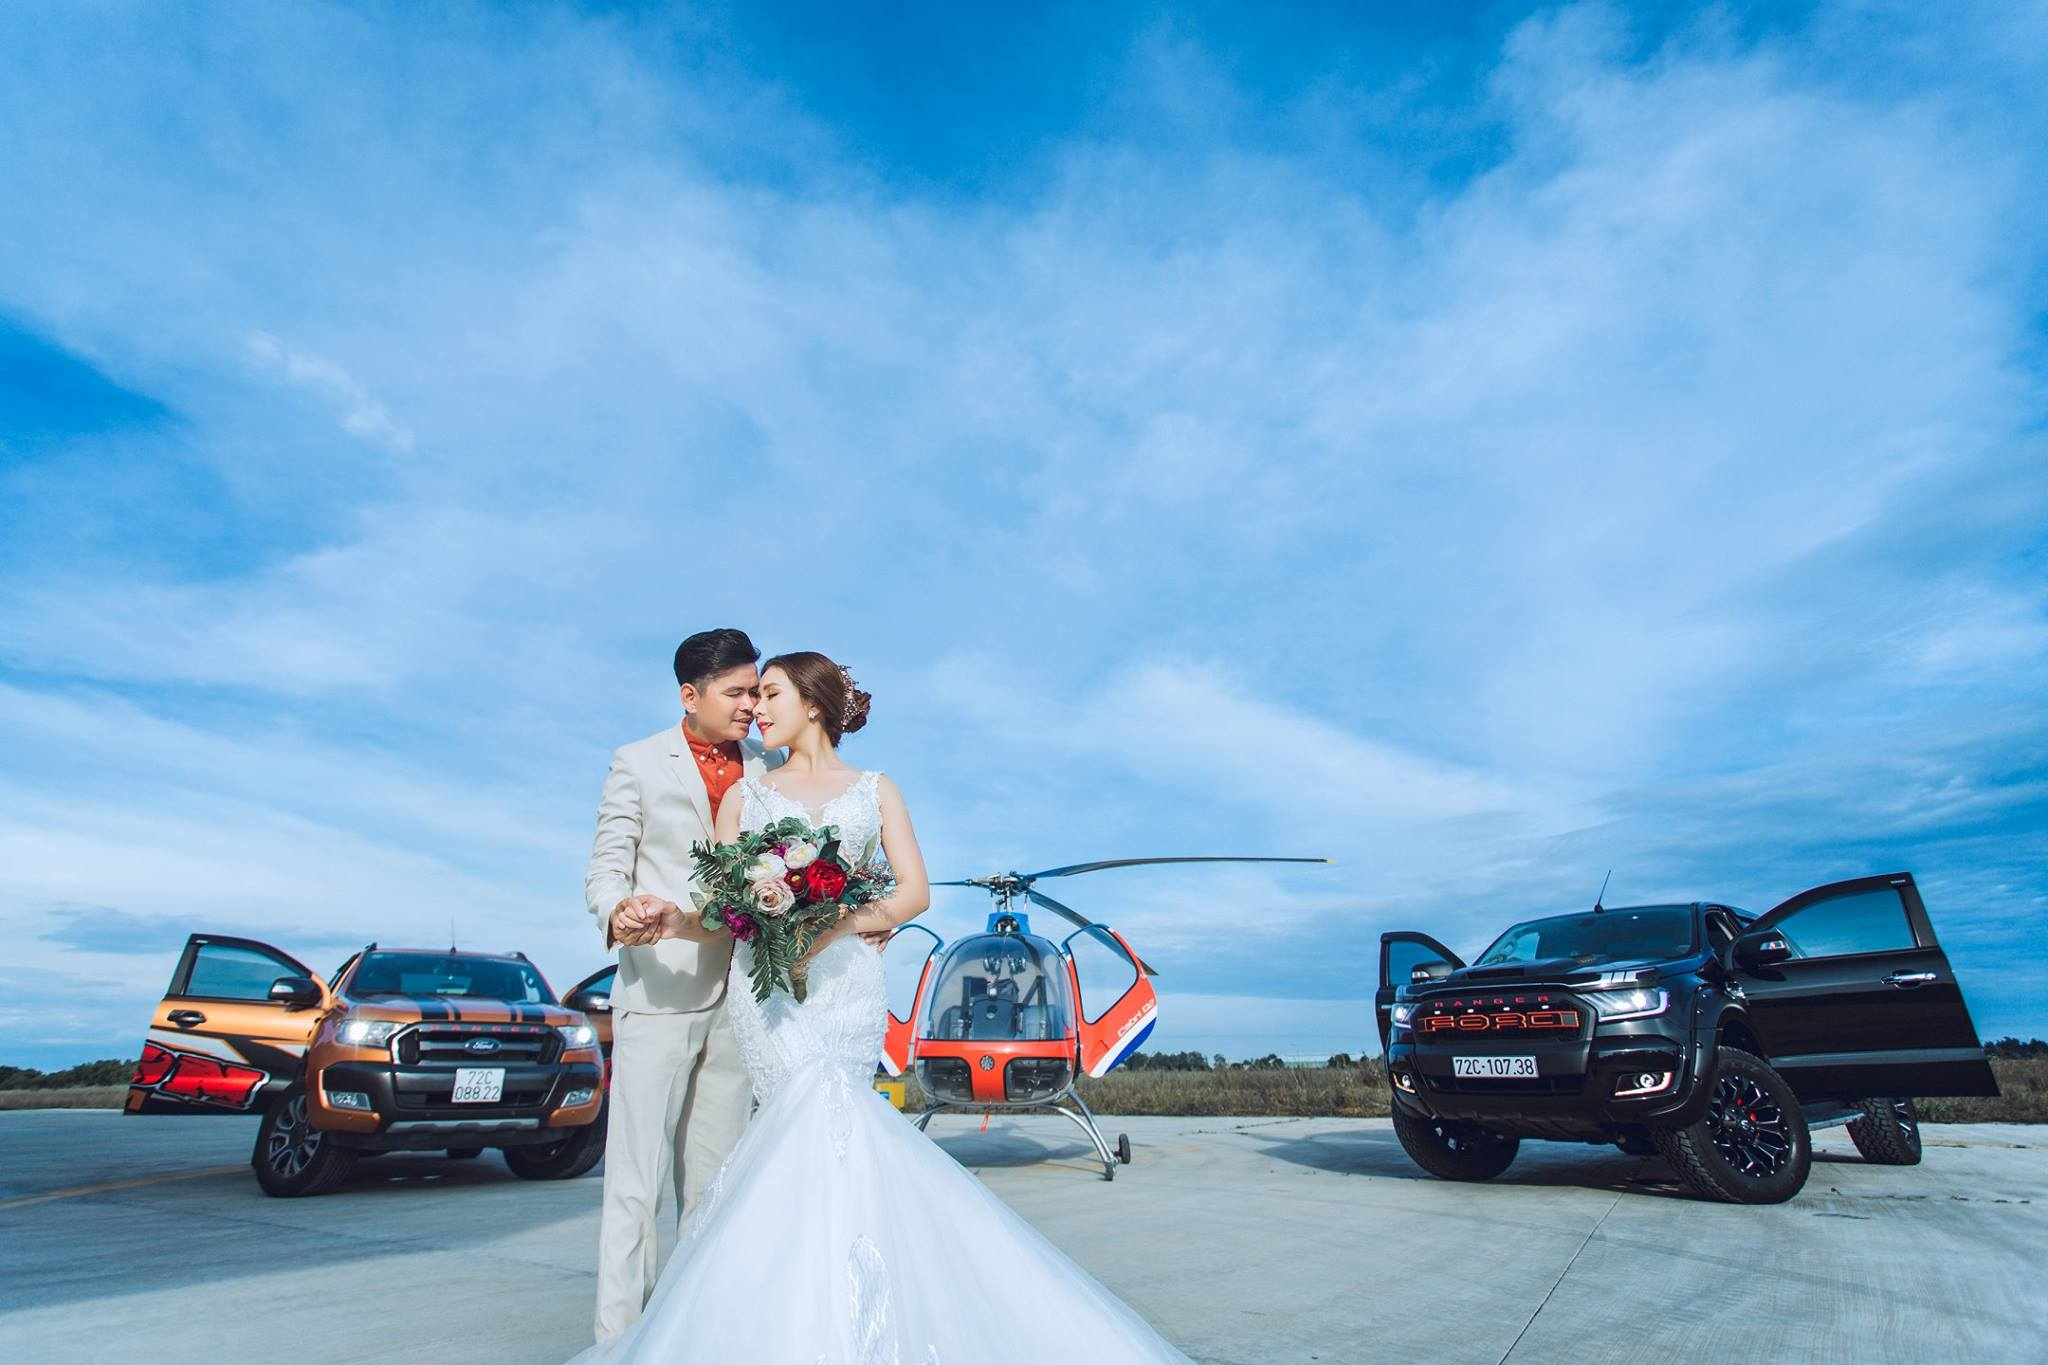 Hình cưới với trực thăng Cabri G2 - hiện đại nhưng không kém phần lãng mạn - do Áo cưới Tú Trinh thực hiện.